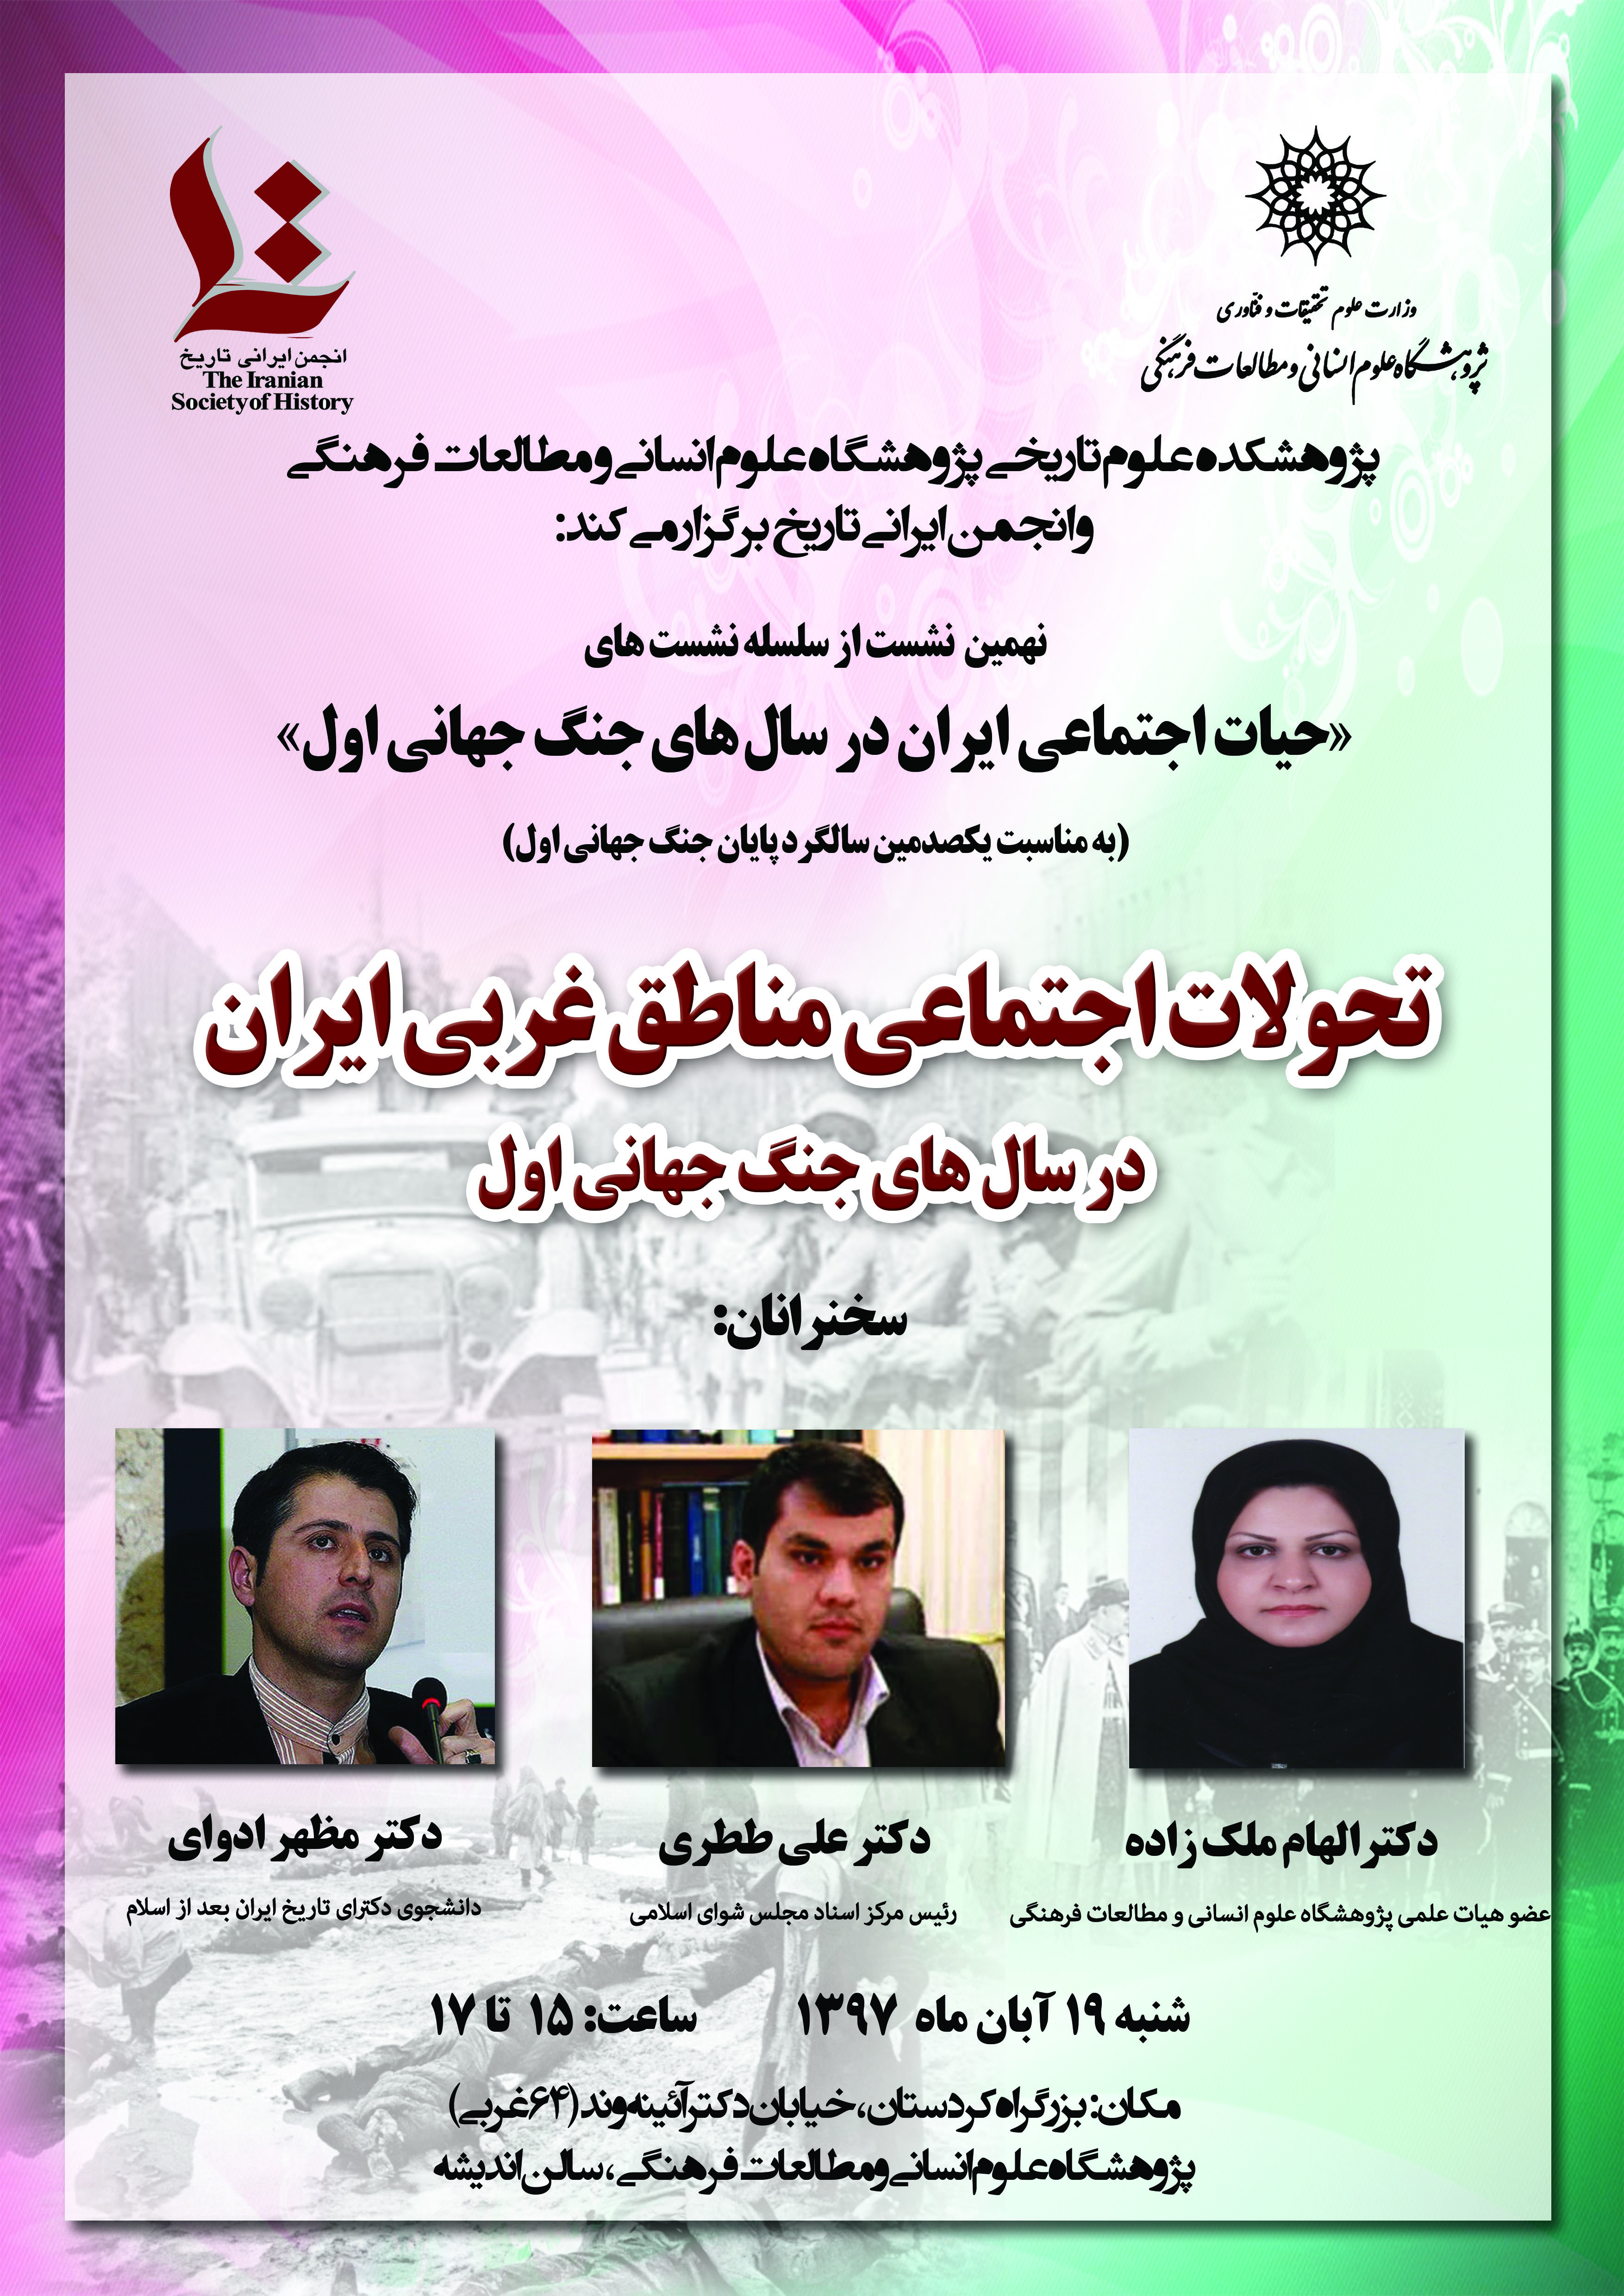 نشستی با عنوان؛ «تحولات اجتماعی مناطق غربی ایران در سال های جنگ جهانی اول» برگزار می شود